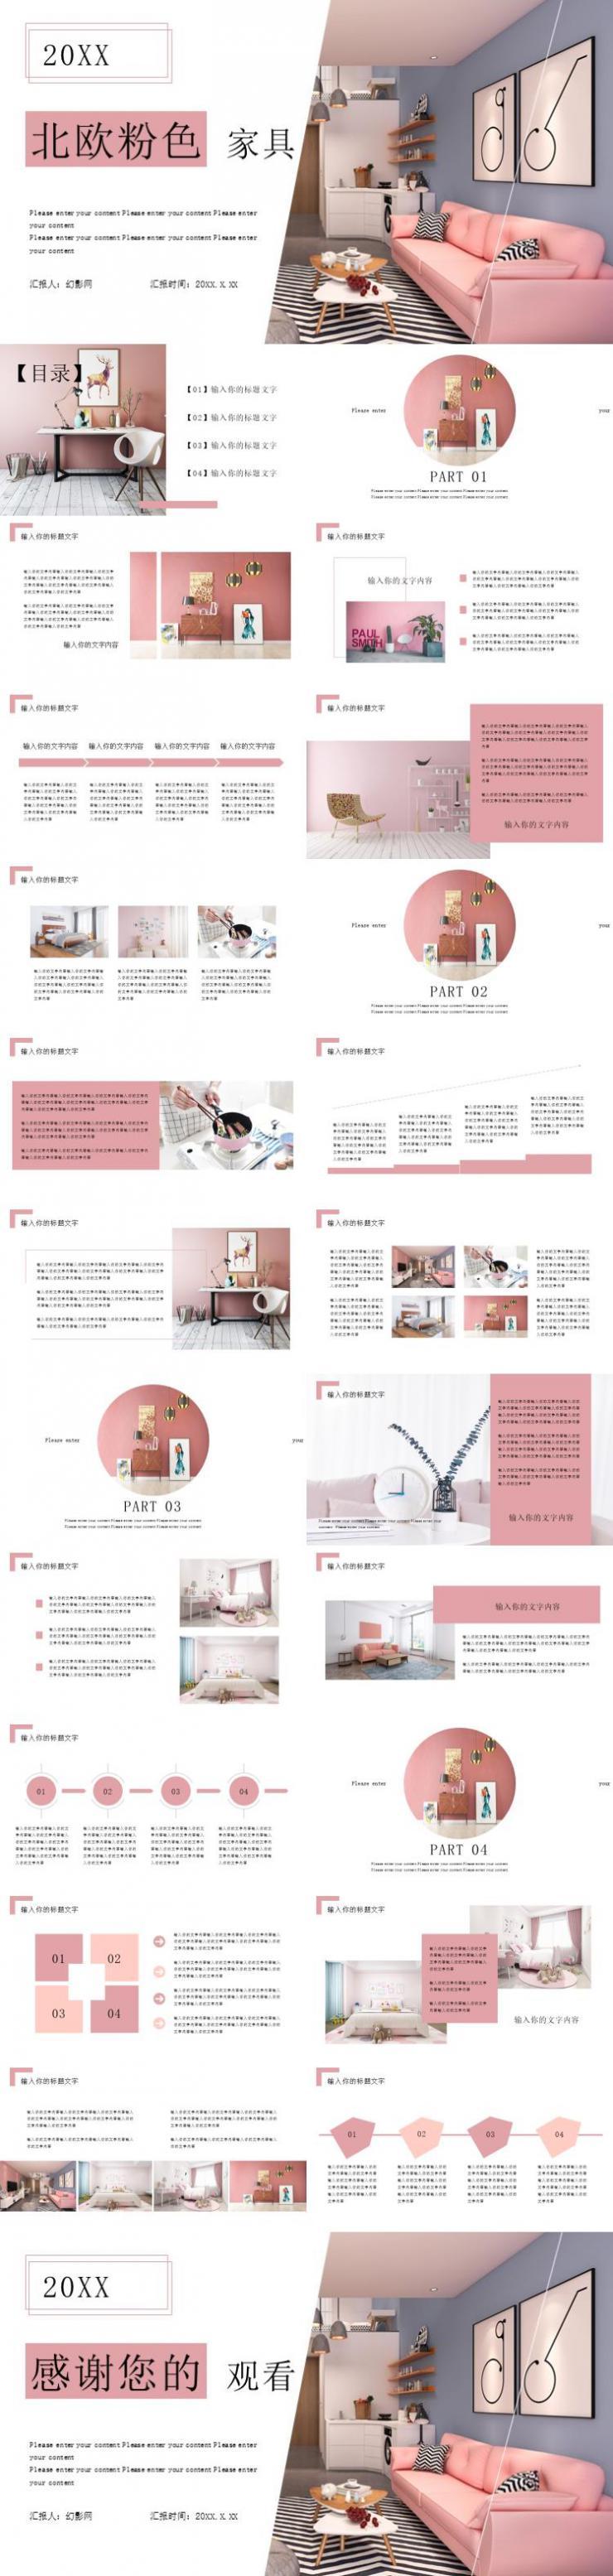 北欧粉色家具PPT模板下载